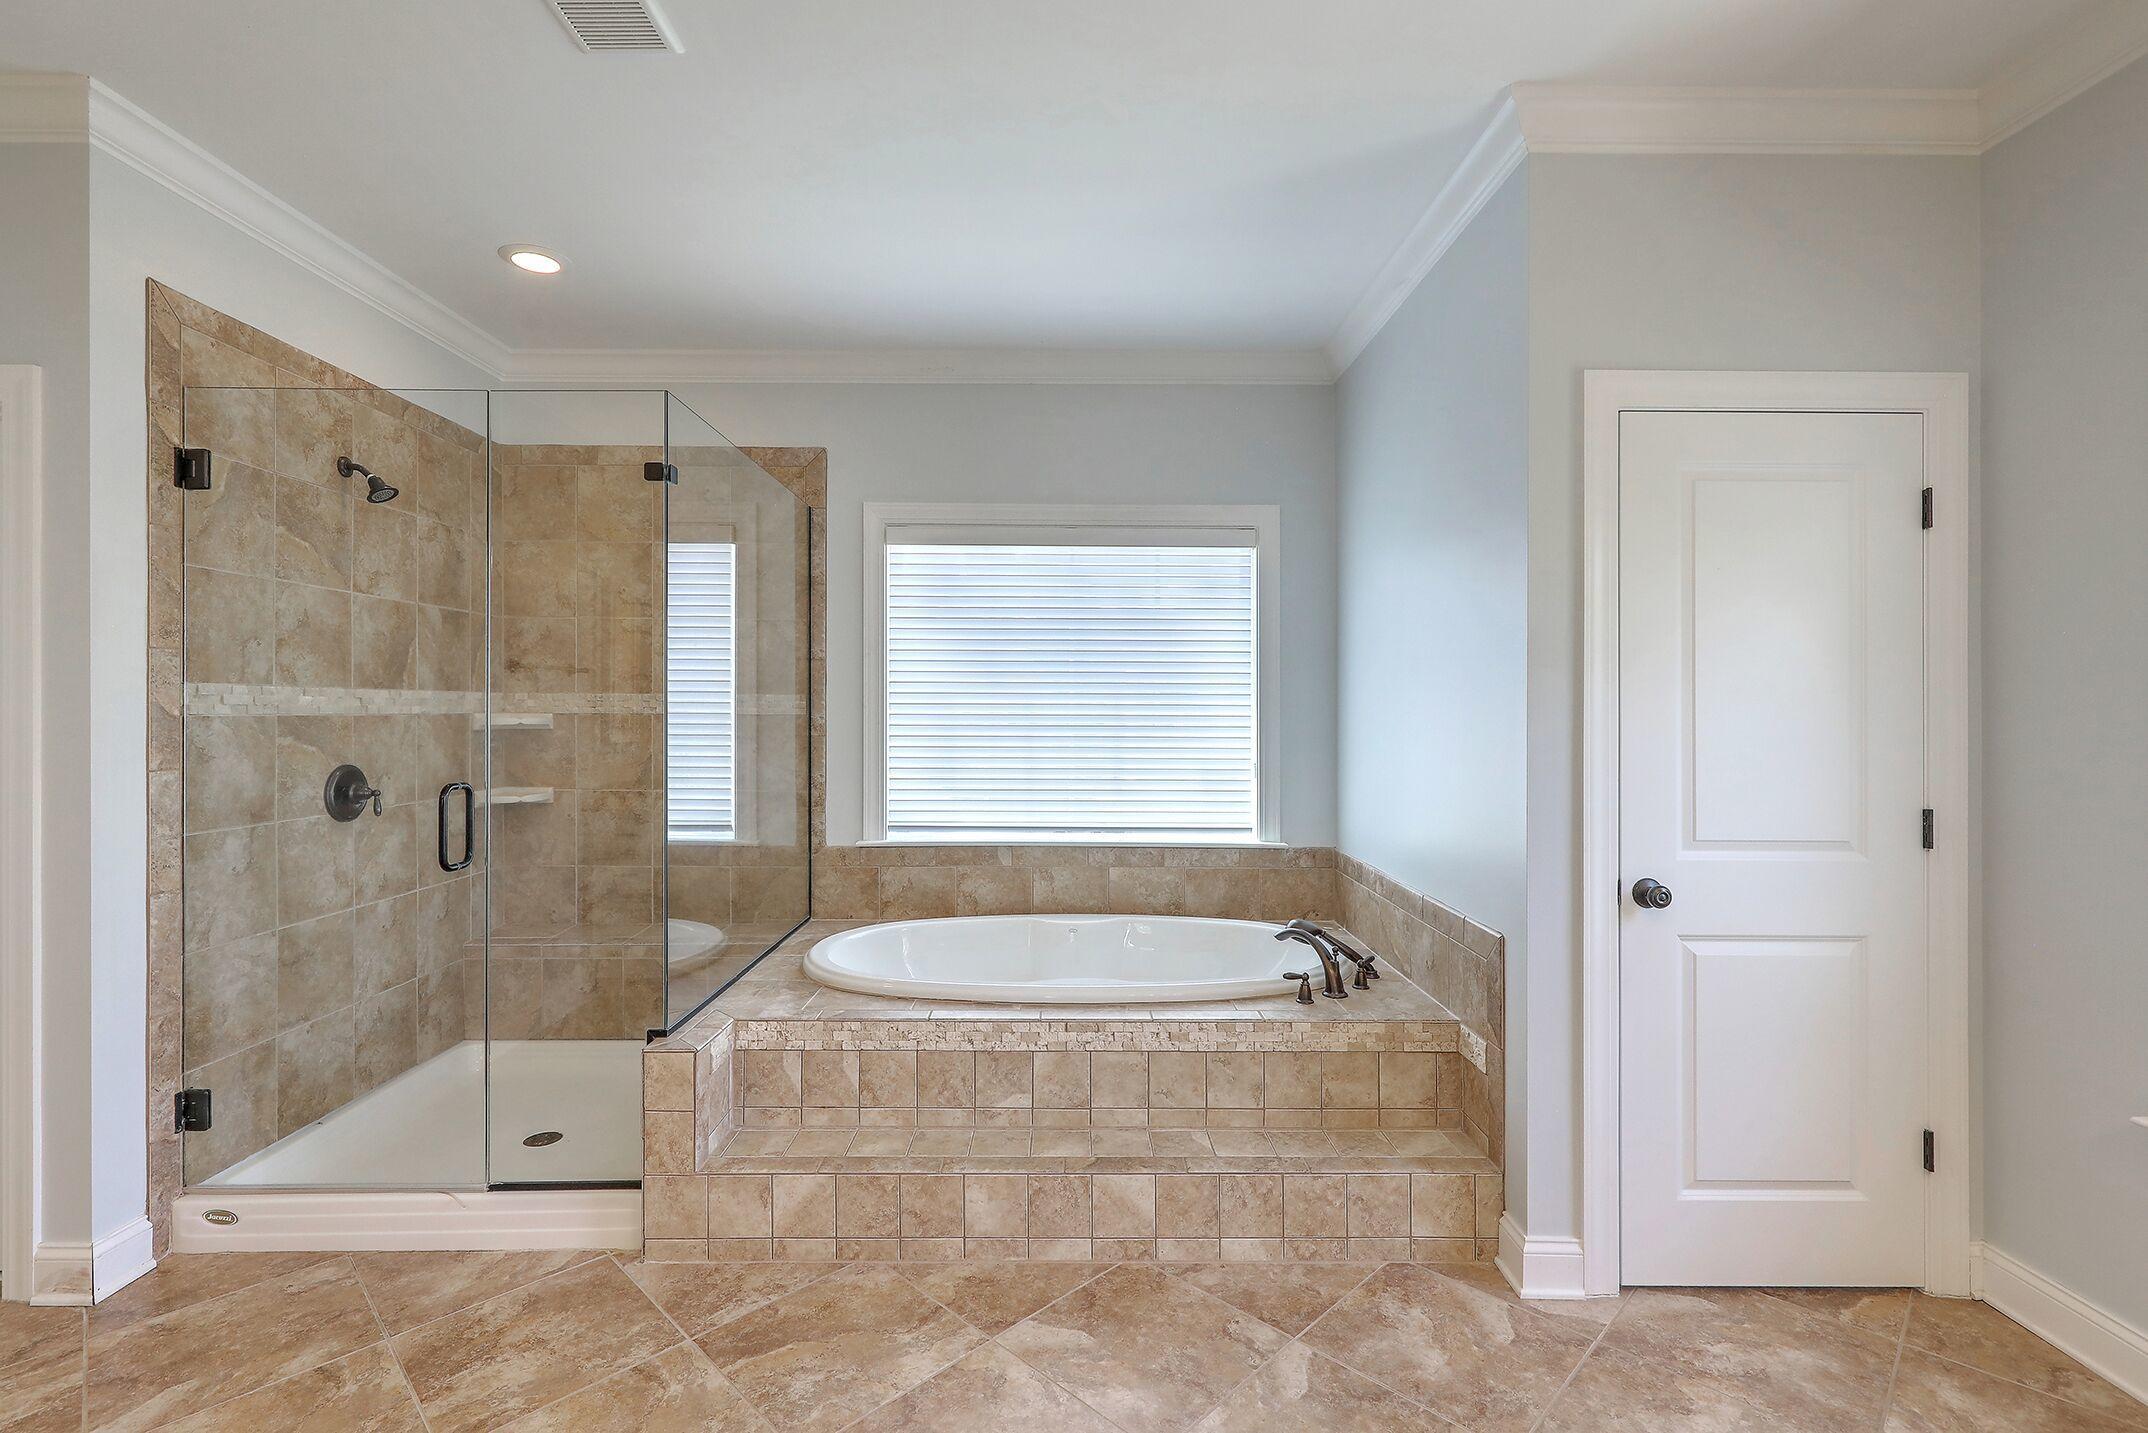 Dunes West Homes For Sale - 2970 Sturbridge, Mount Pleasant, SC - 53